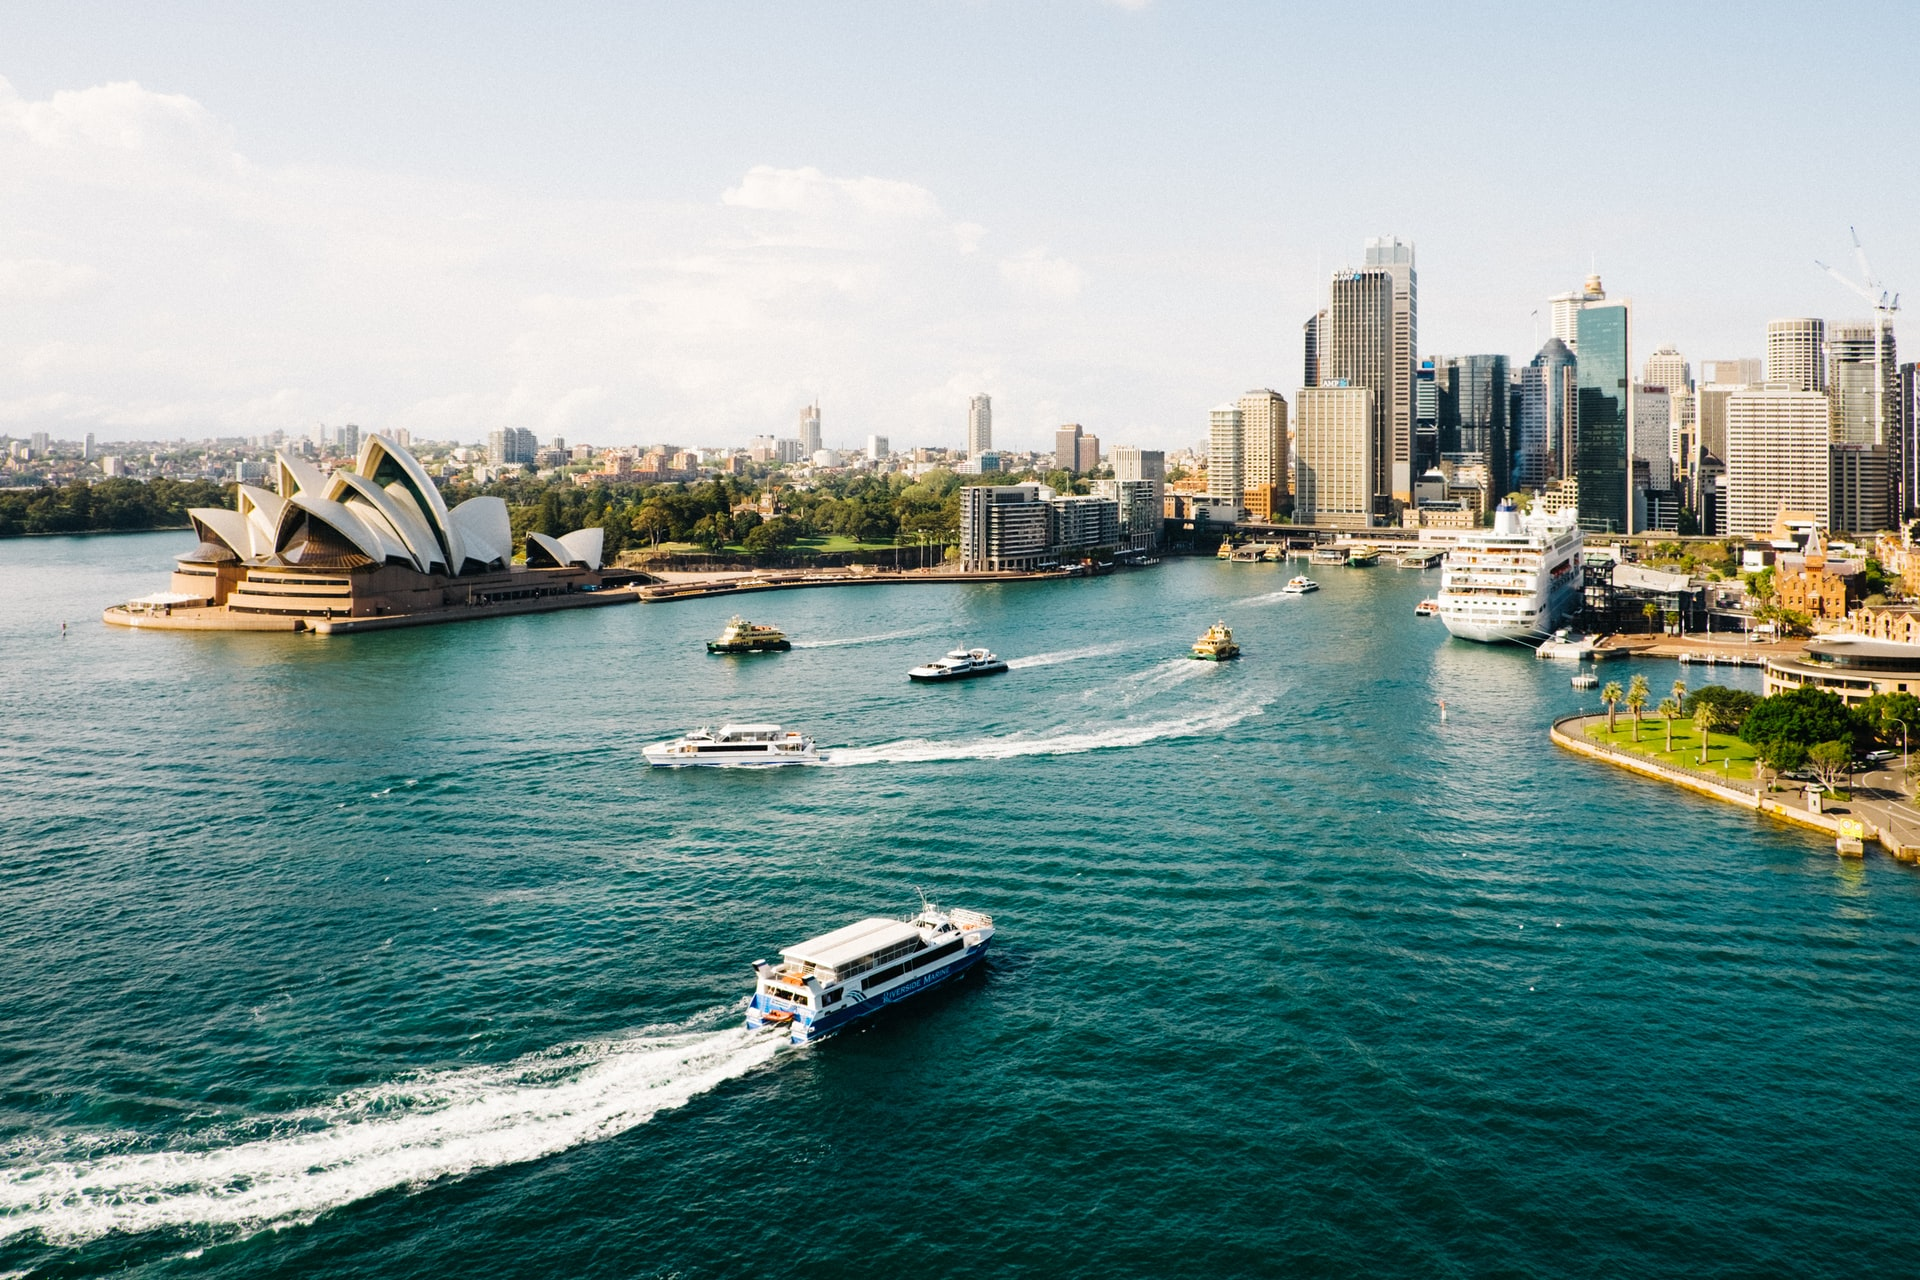 世界の富裕層が移住先としてオーストラリアを選ぶ理由